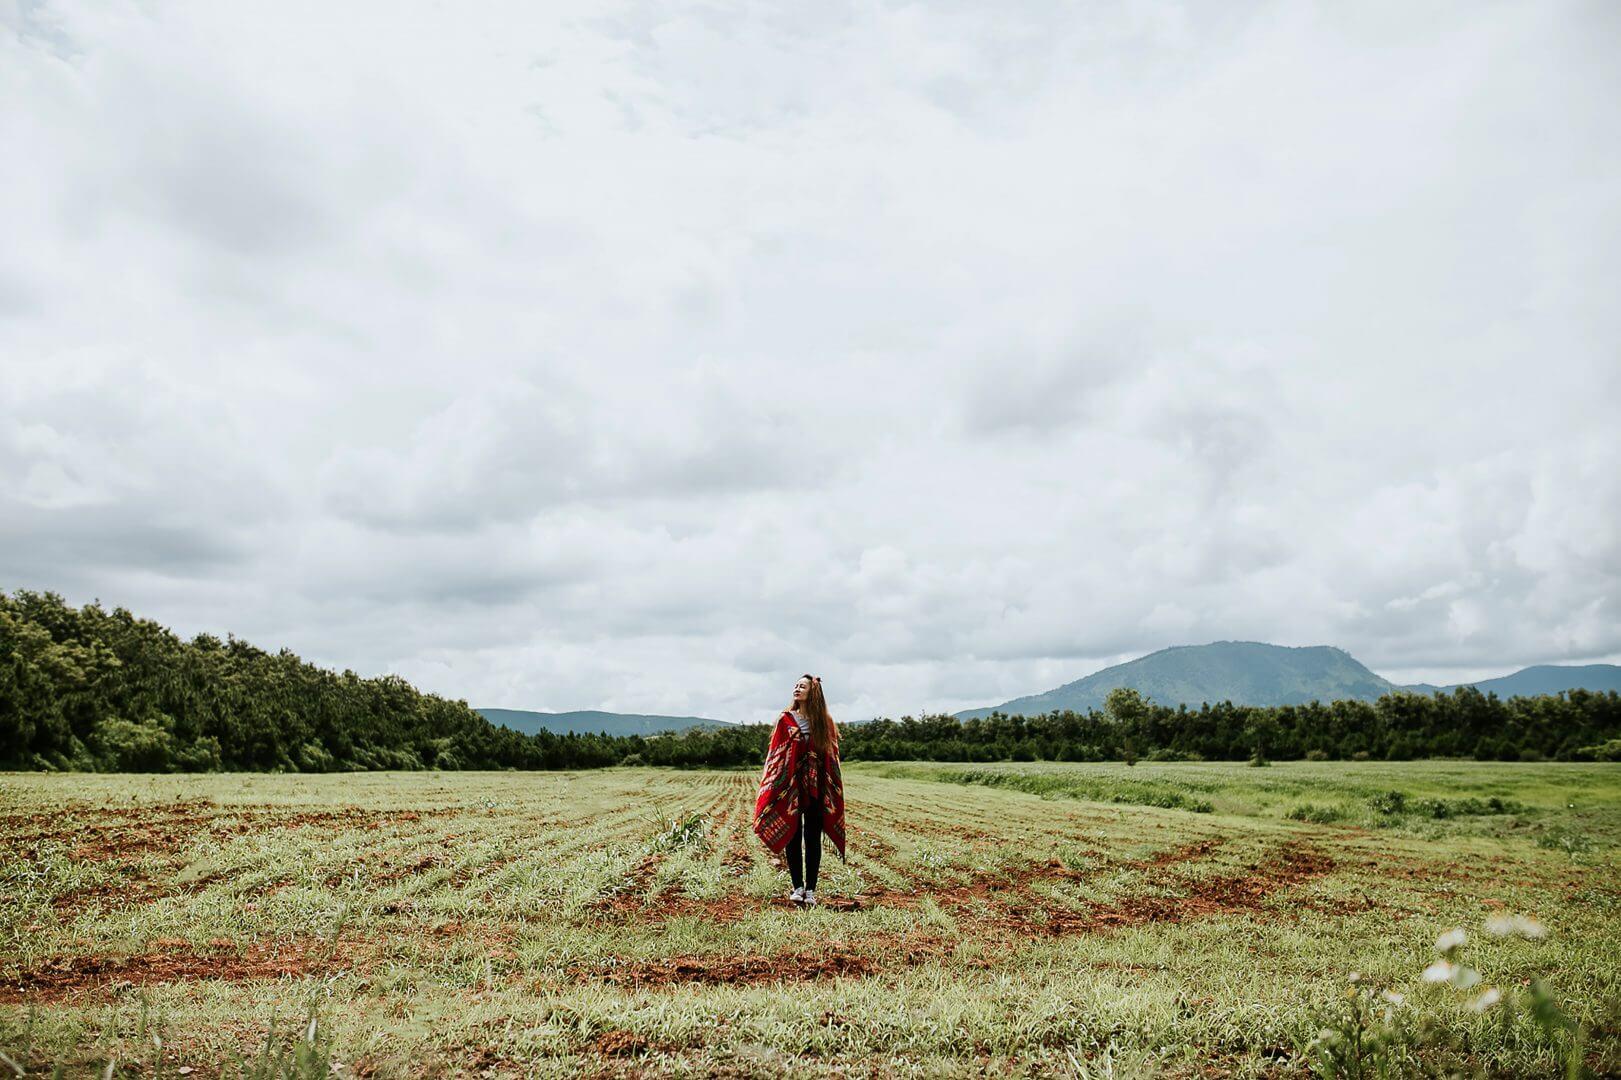 woman-in-field-free